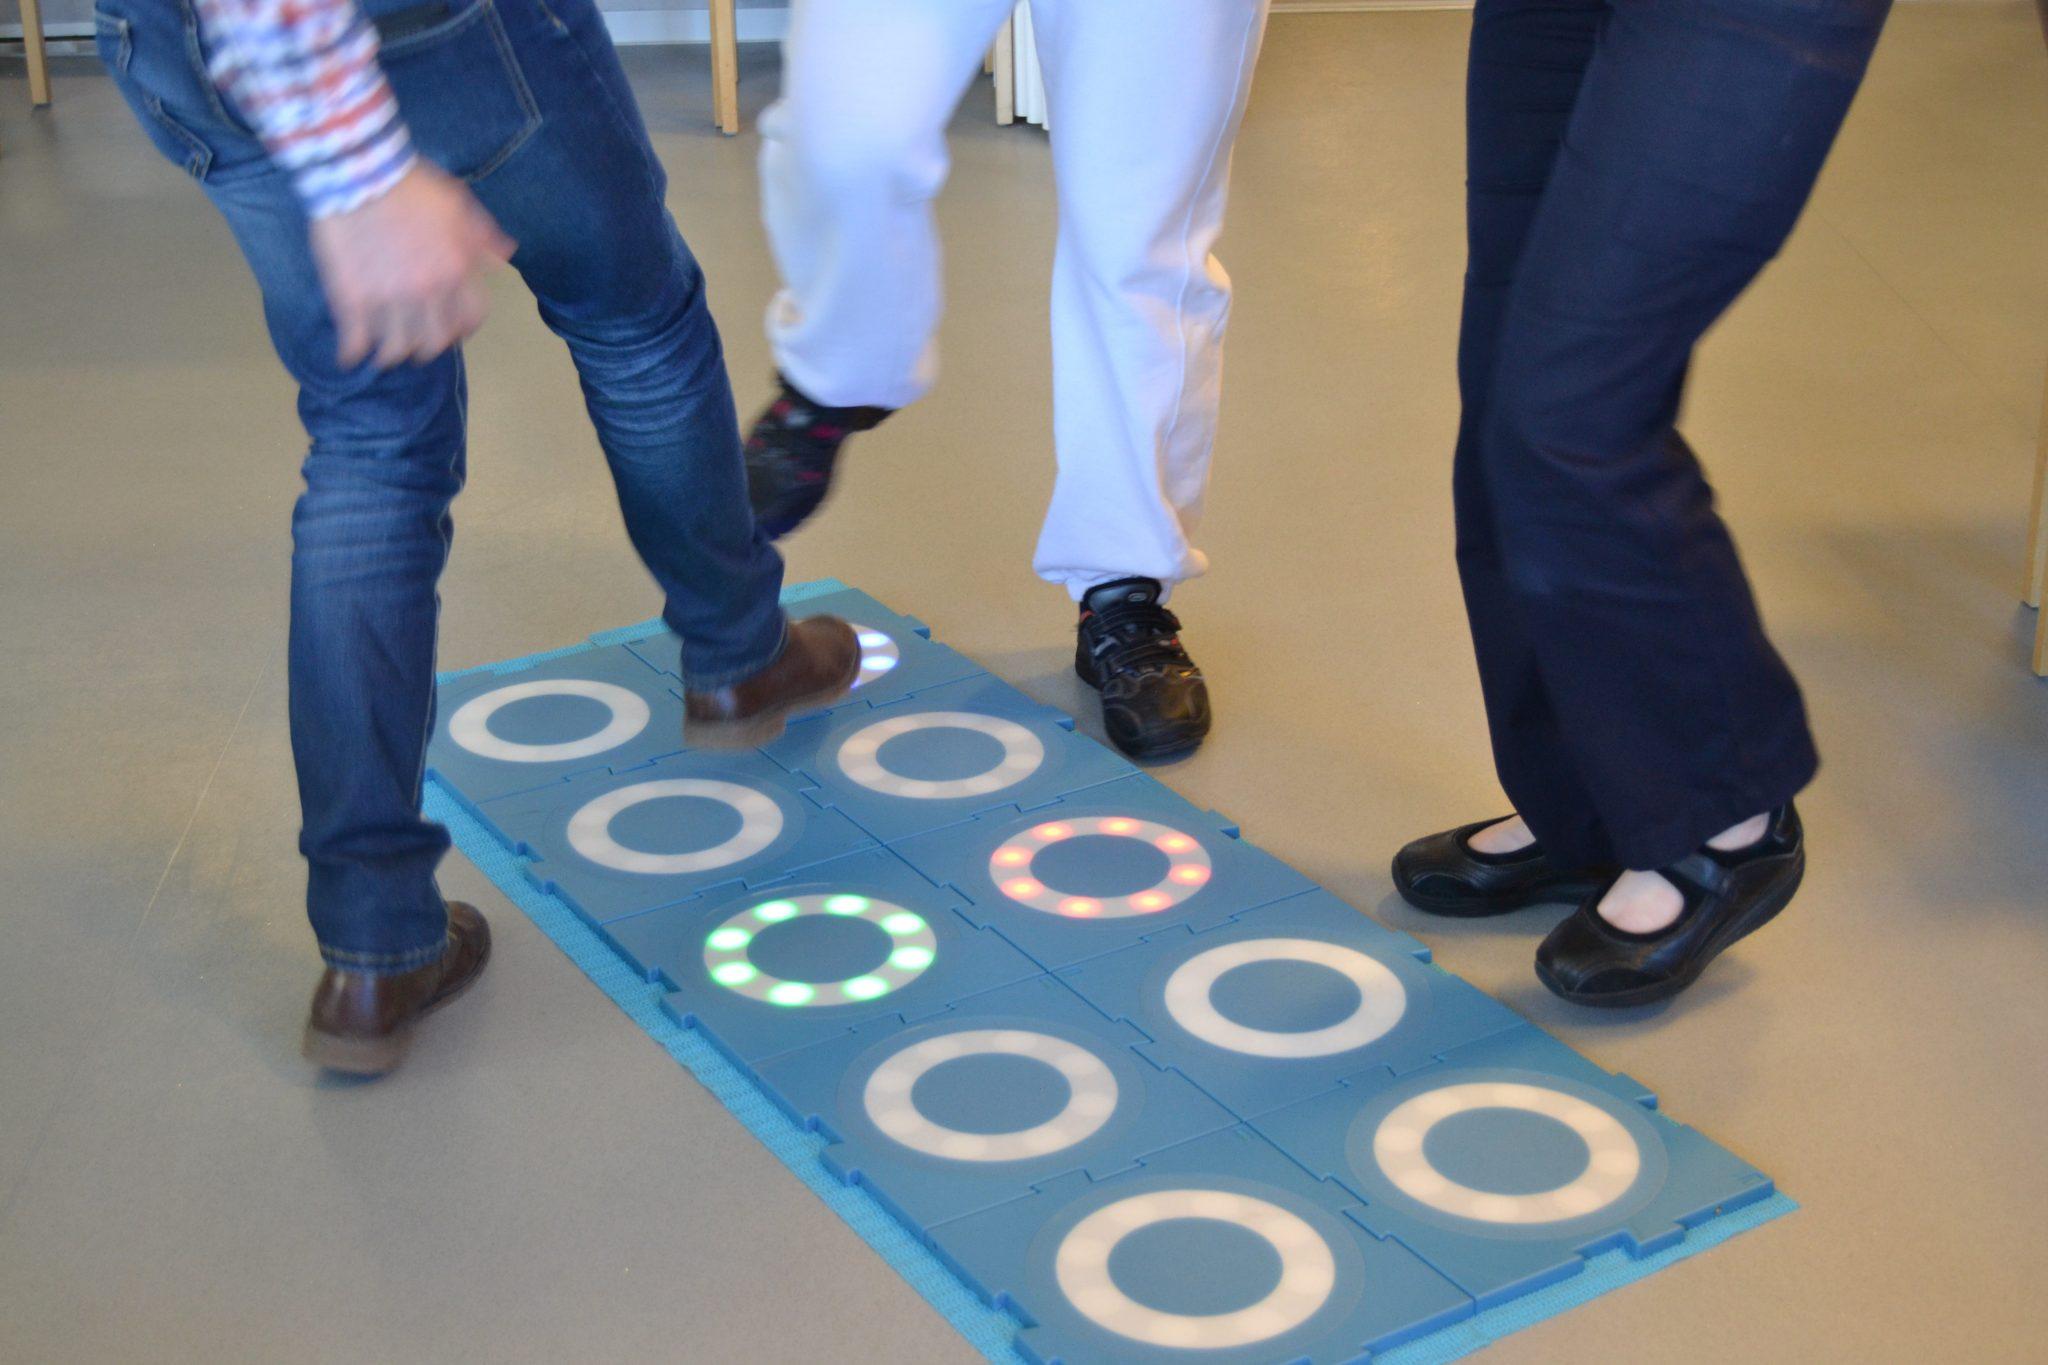 Robotti ja liikuntalaatat saivat hoitajat ja asukkaat innostumaan